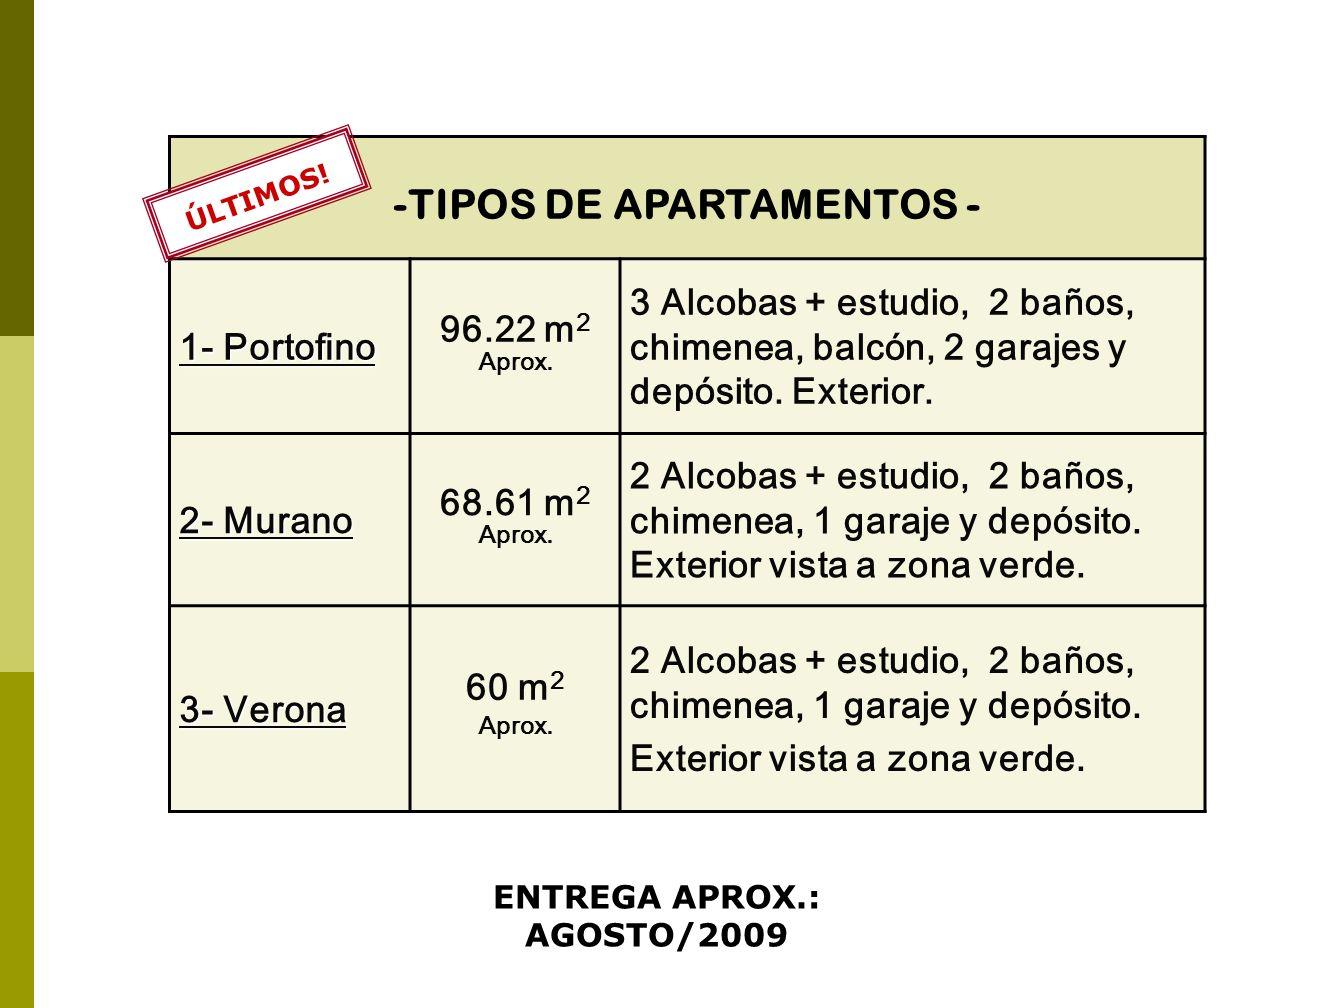 -TIPOS DE APARTAMENTOS - 1- Portofino 96.22 m 2 Aprox. 3 Alcobas + estudio, 2 baños, chimenea, balcón, 2 garajes y depósito. Exterior. 2- Murano 68.61